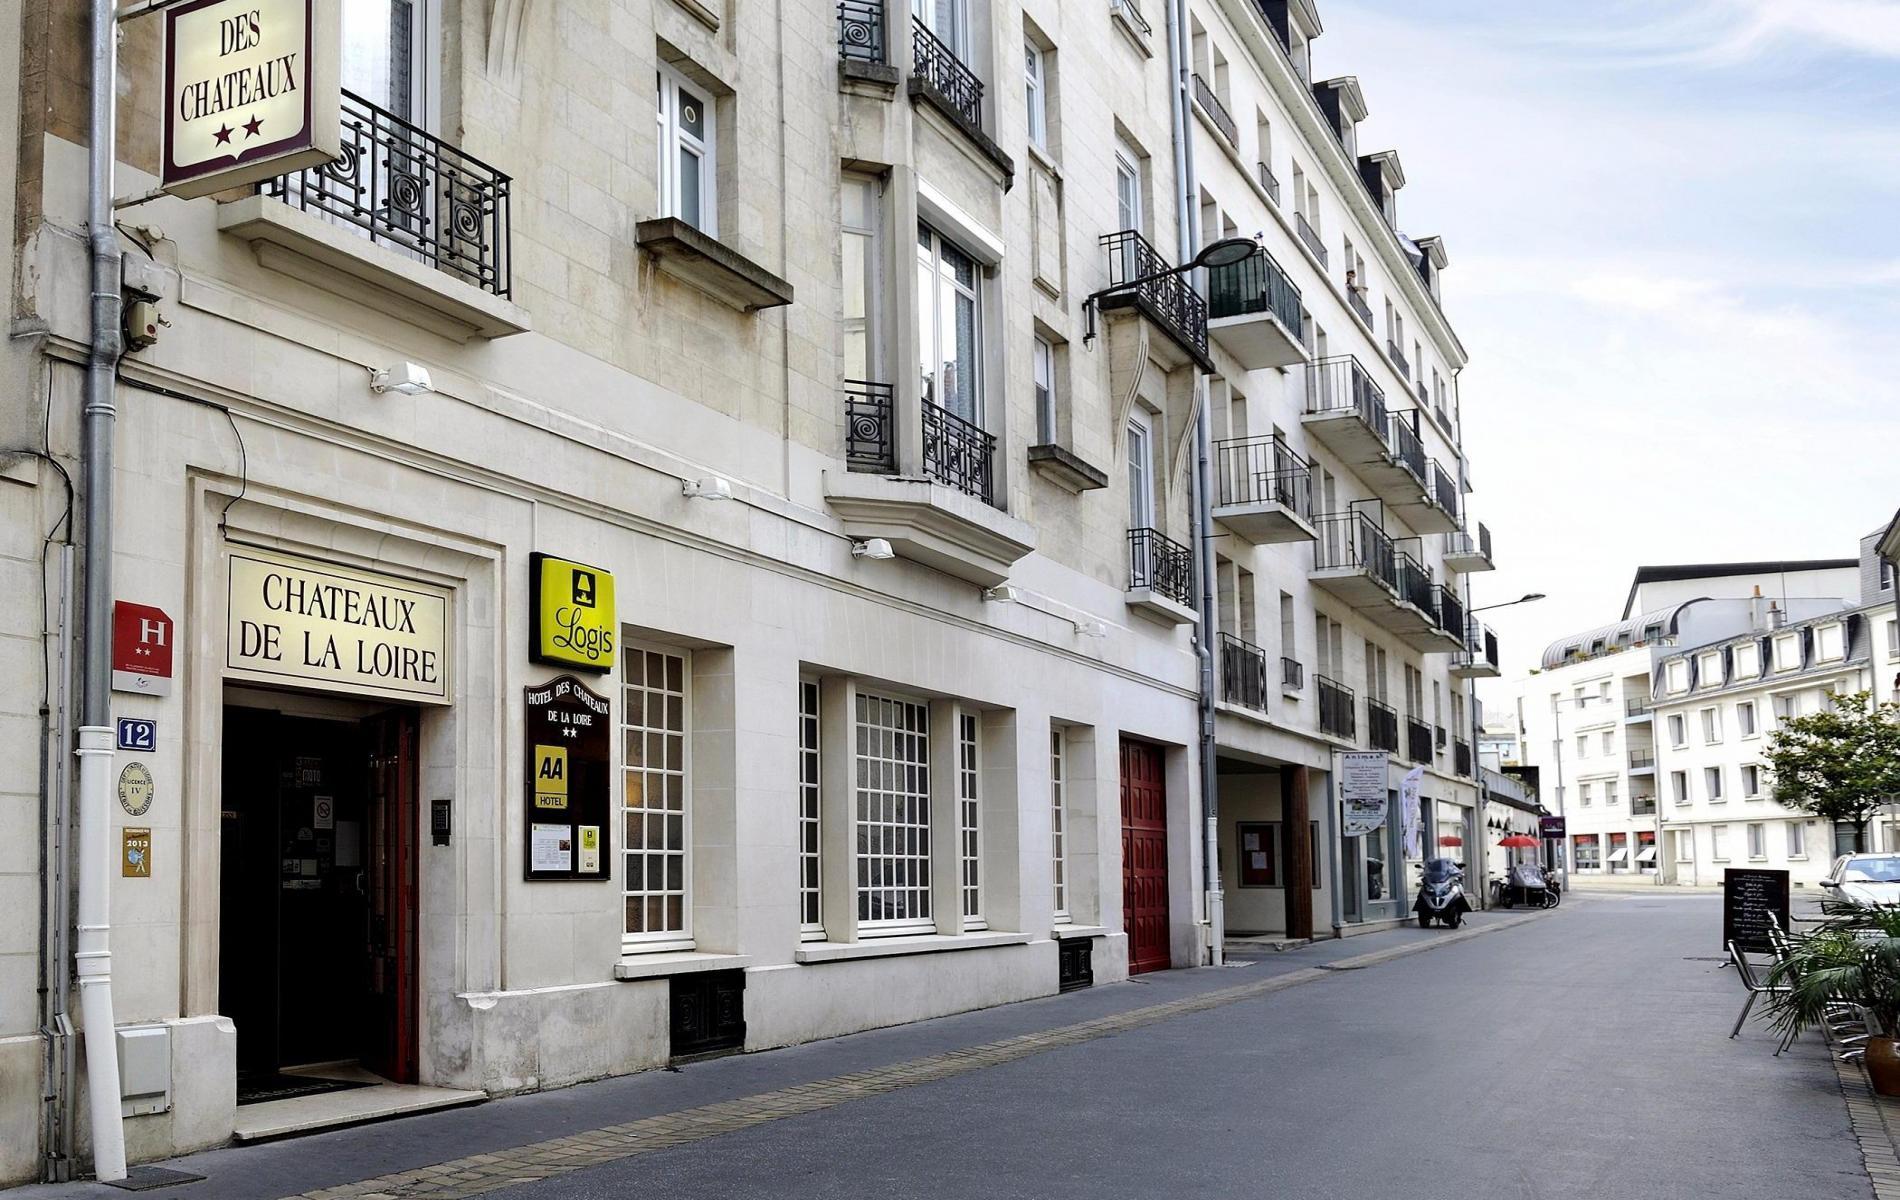 ENTREE HOTEL - 12 RUE GAMBETTA - ZONE 20 - STATIONNEMENT TEMPORAIRE AUTORISEE